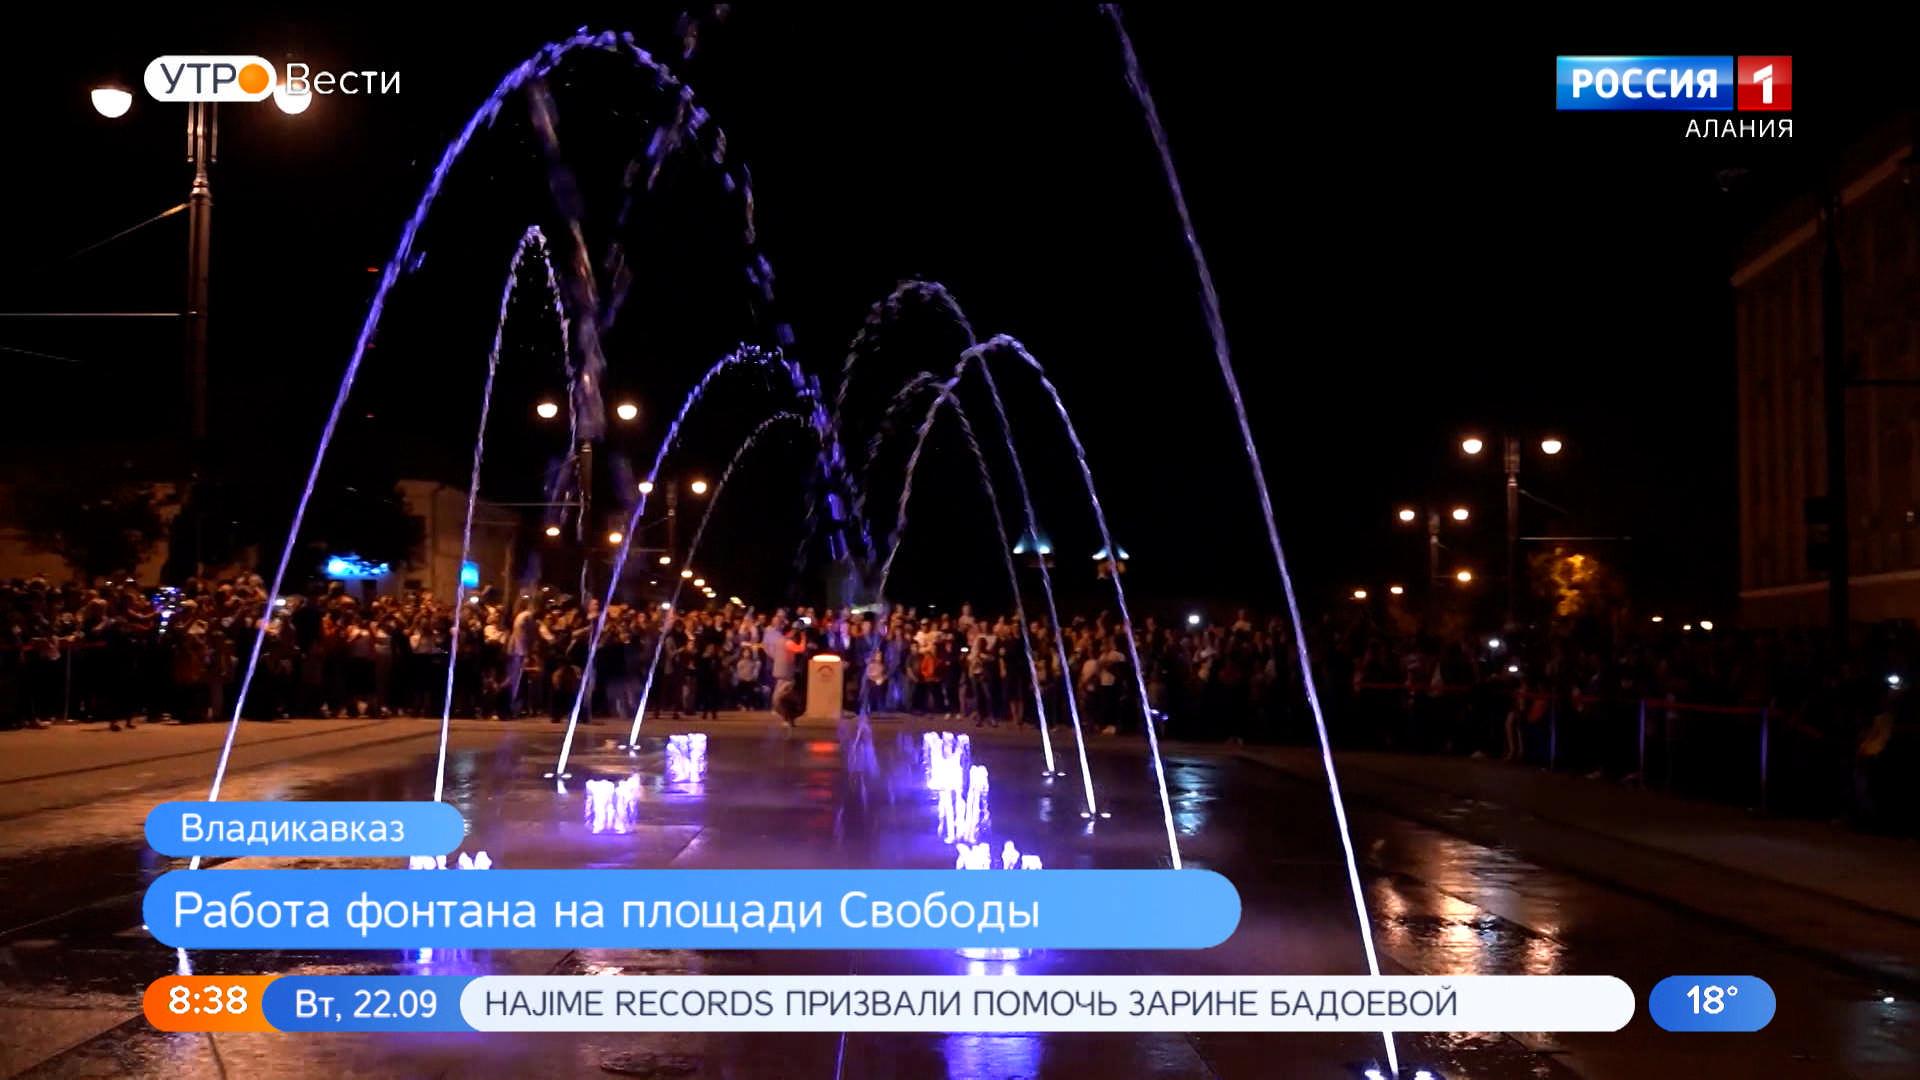 Администрация Владикавказа утвердила график работы фонтана на площади Свободы